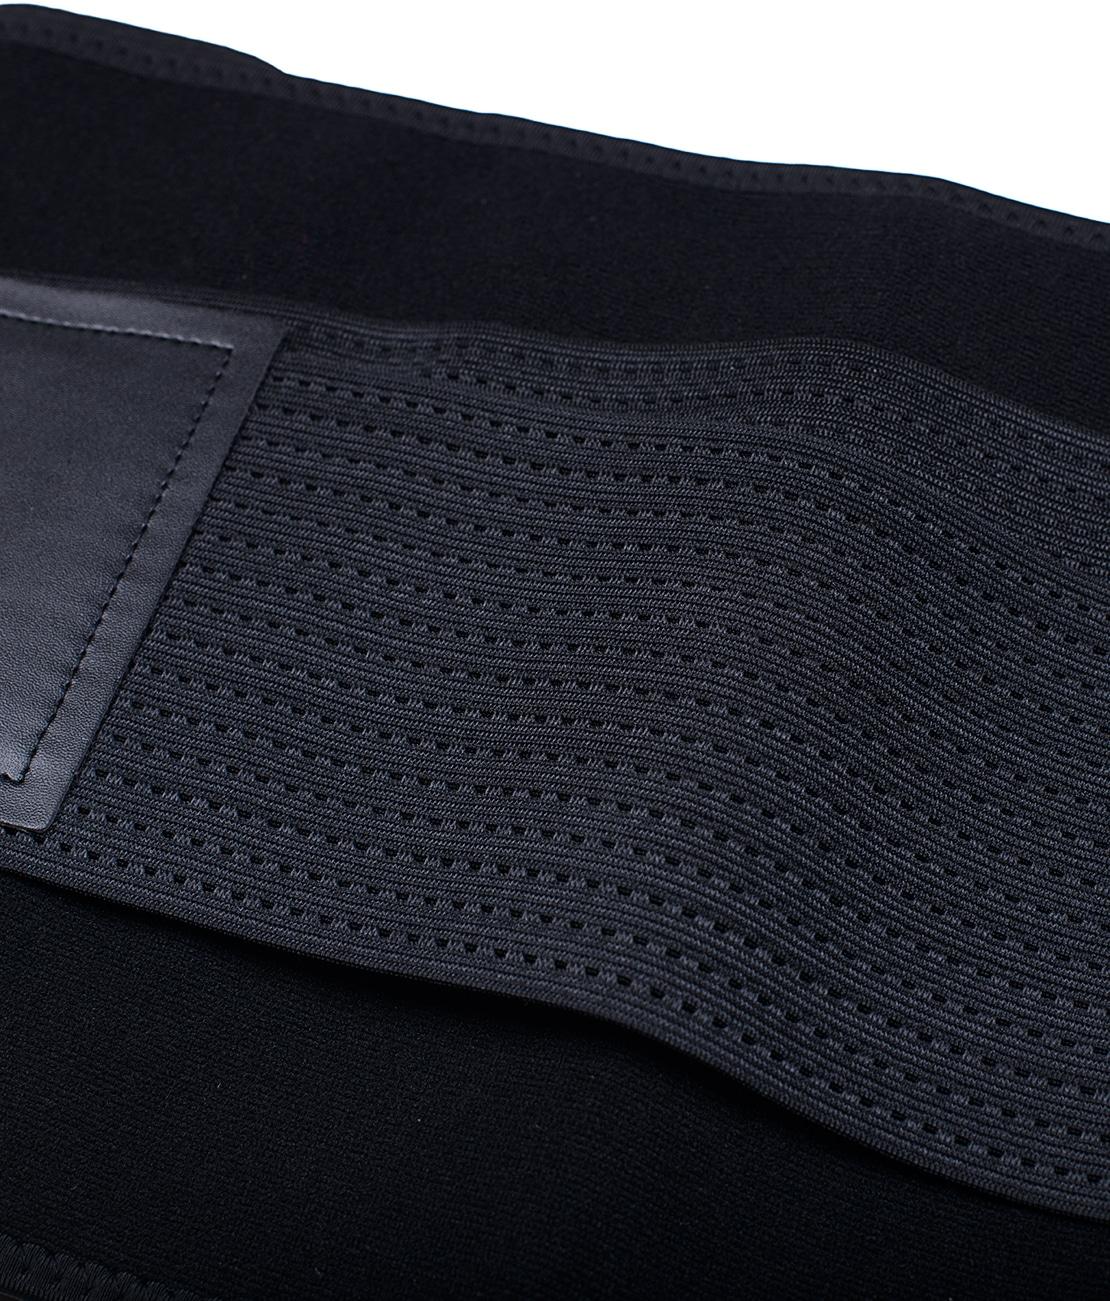 Ceinture de Sudation Noire Packshot Detail 2